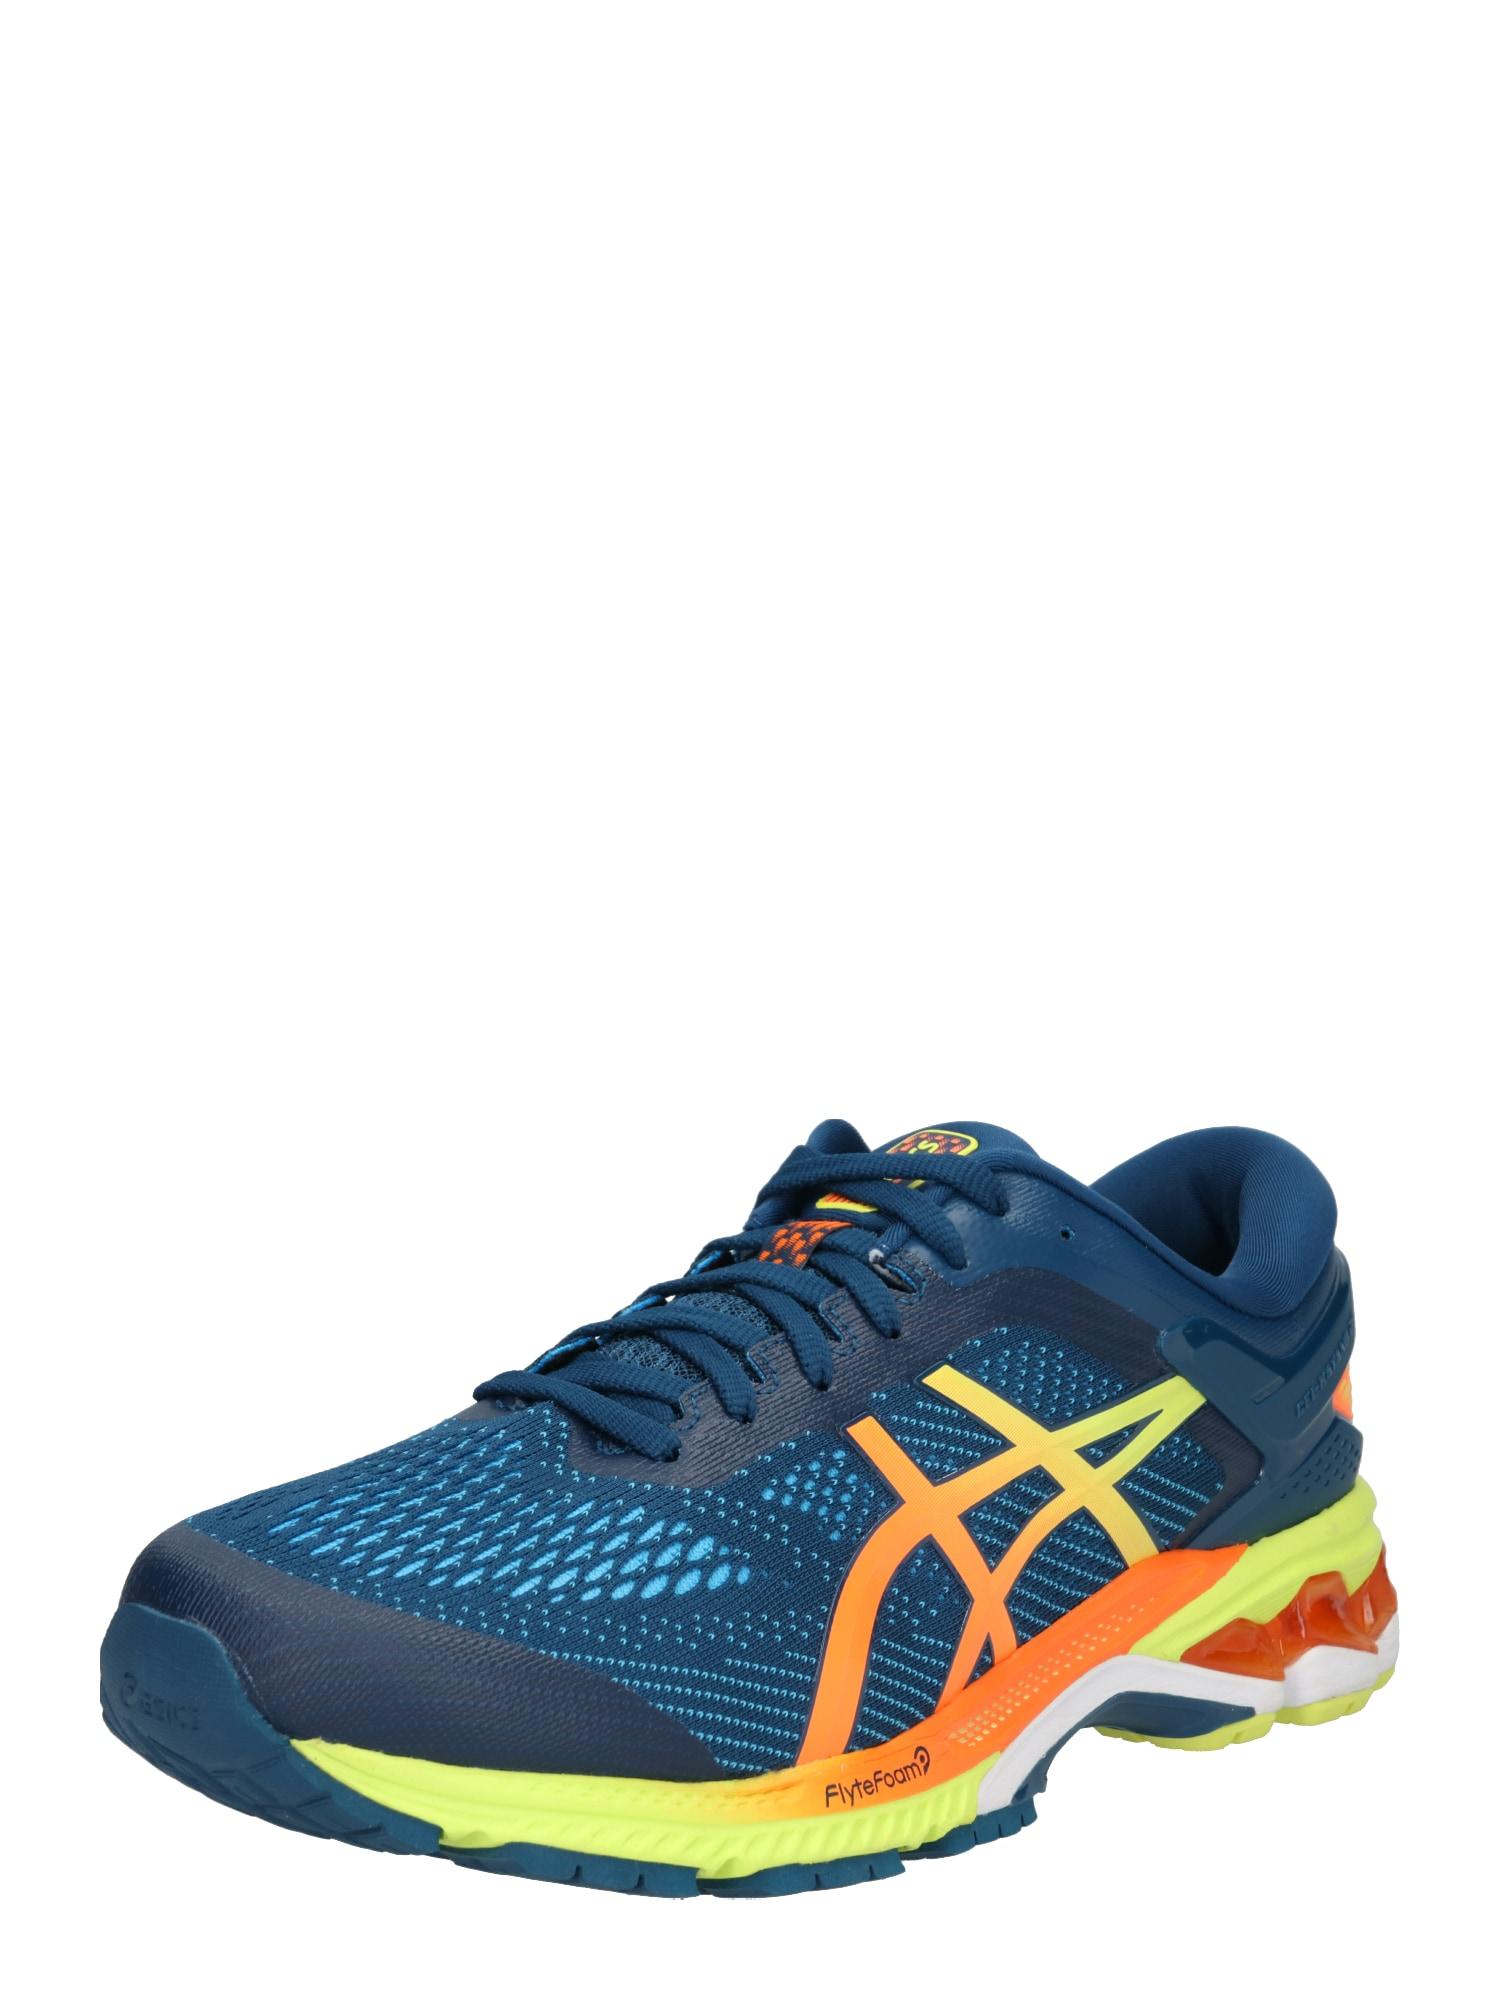 Běžecká obuv Gel-Kayano 26 nebeská modř žlutá oranžová ASICS